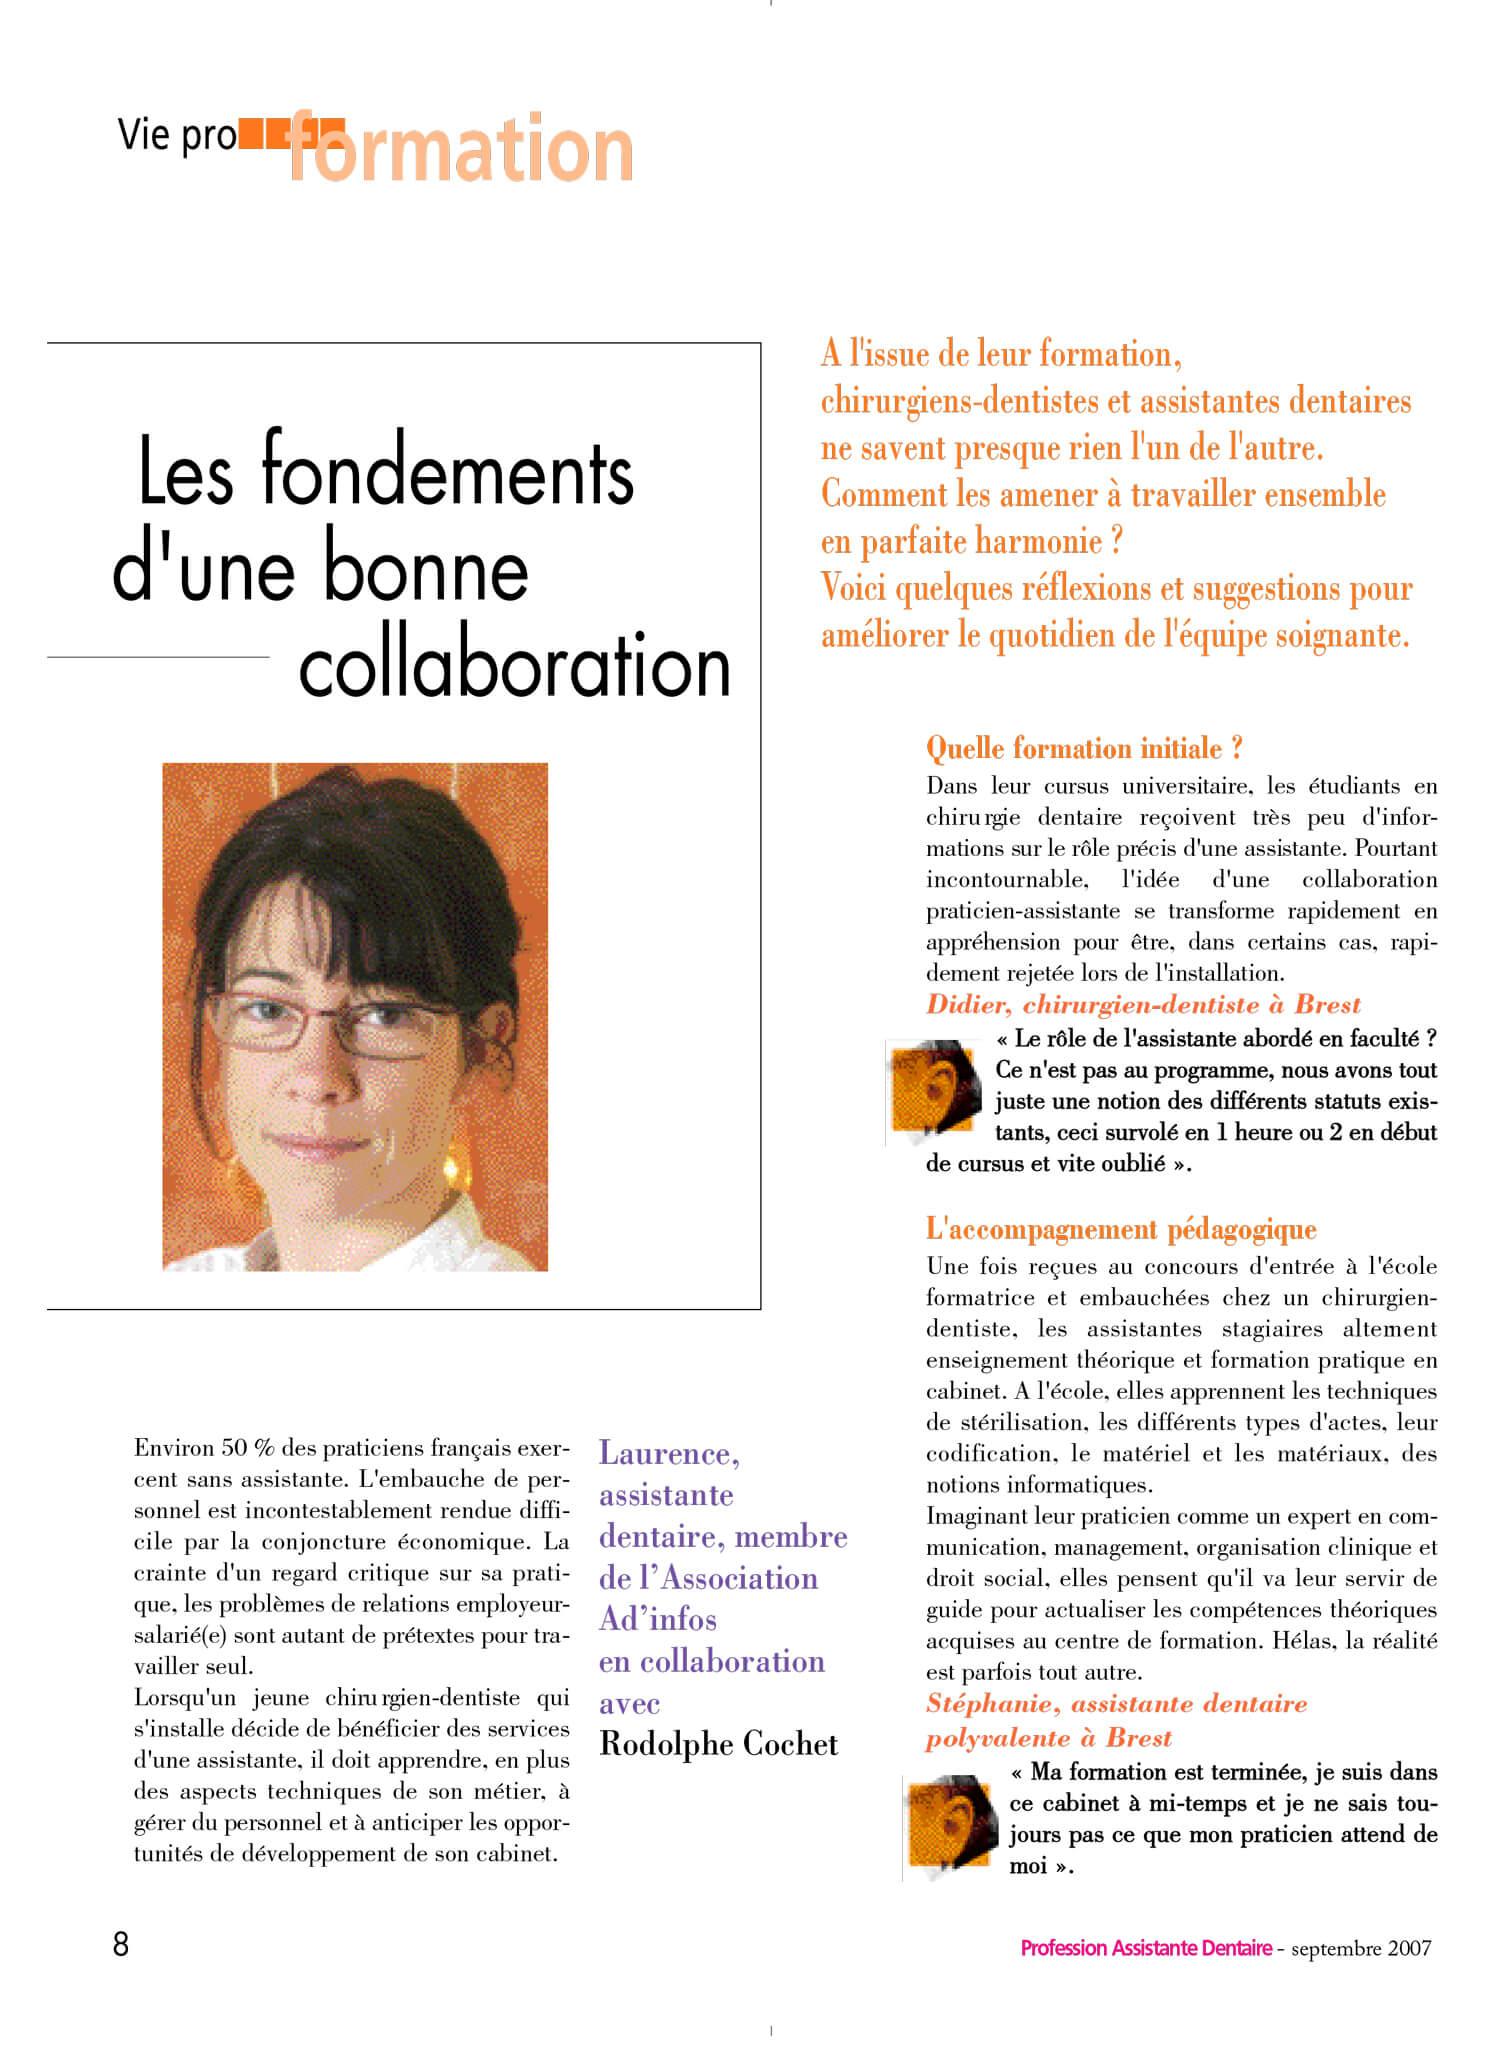 Profession_Assistante_Dentaire_Les_fondements_bonne_collaboration_Rodolphe_Cochet.jpg